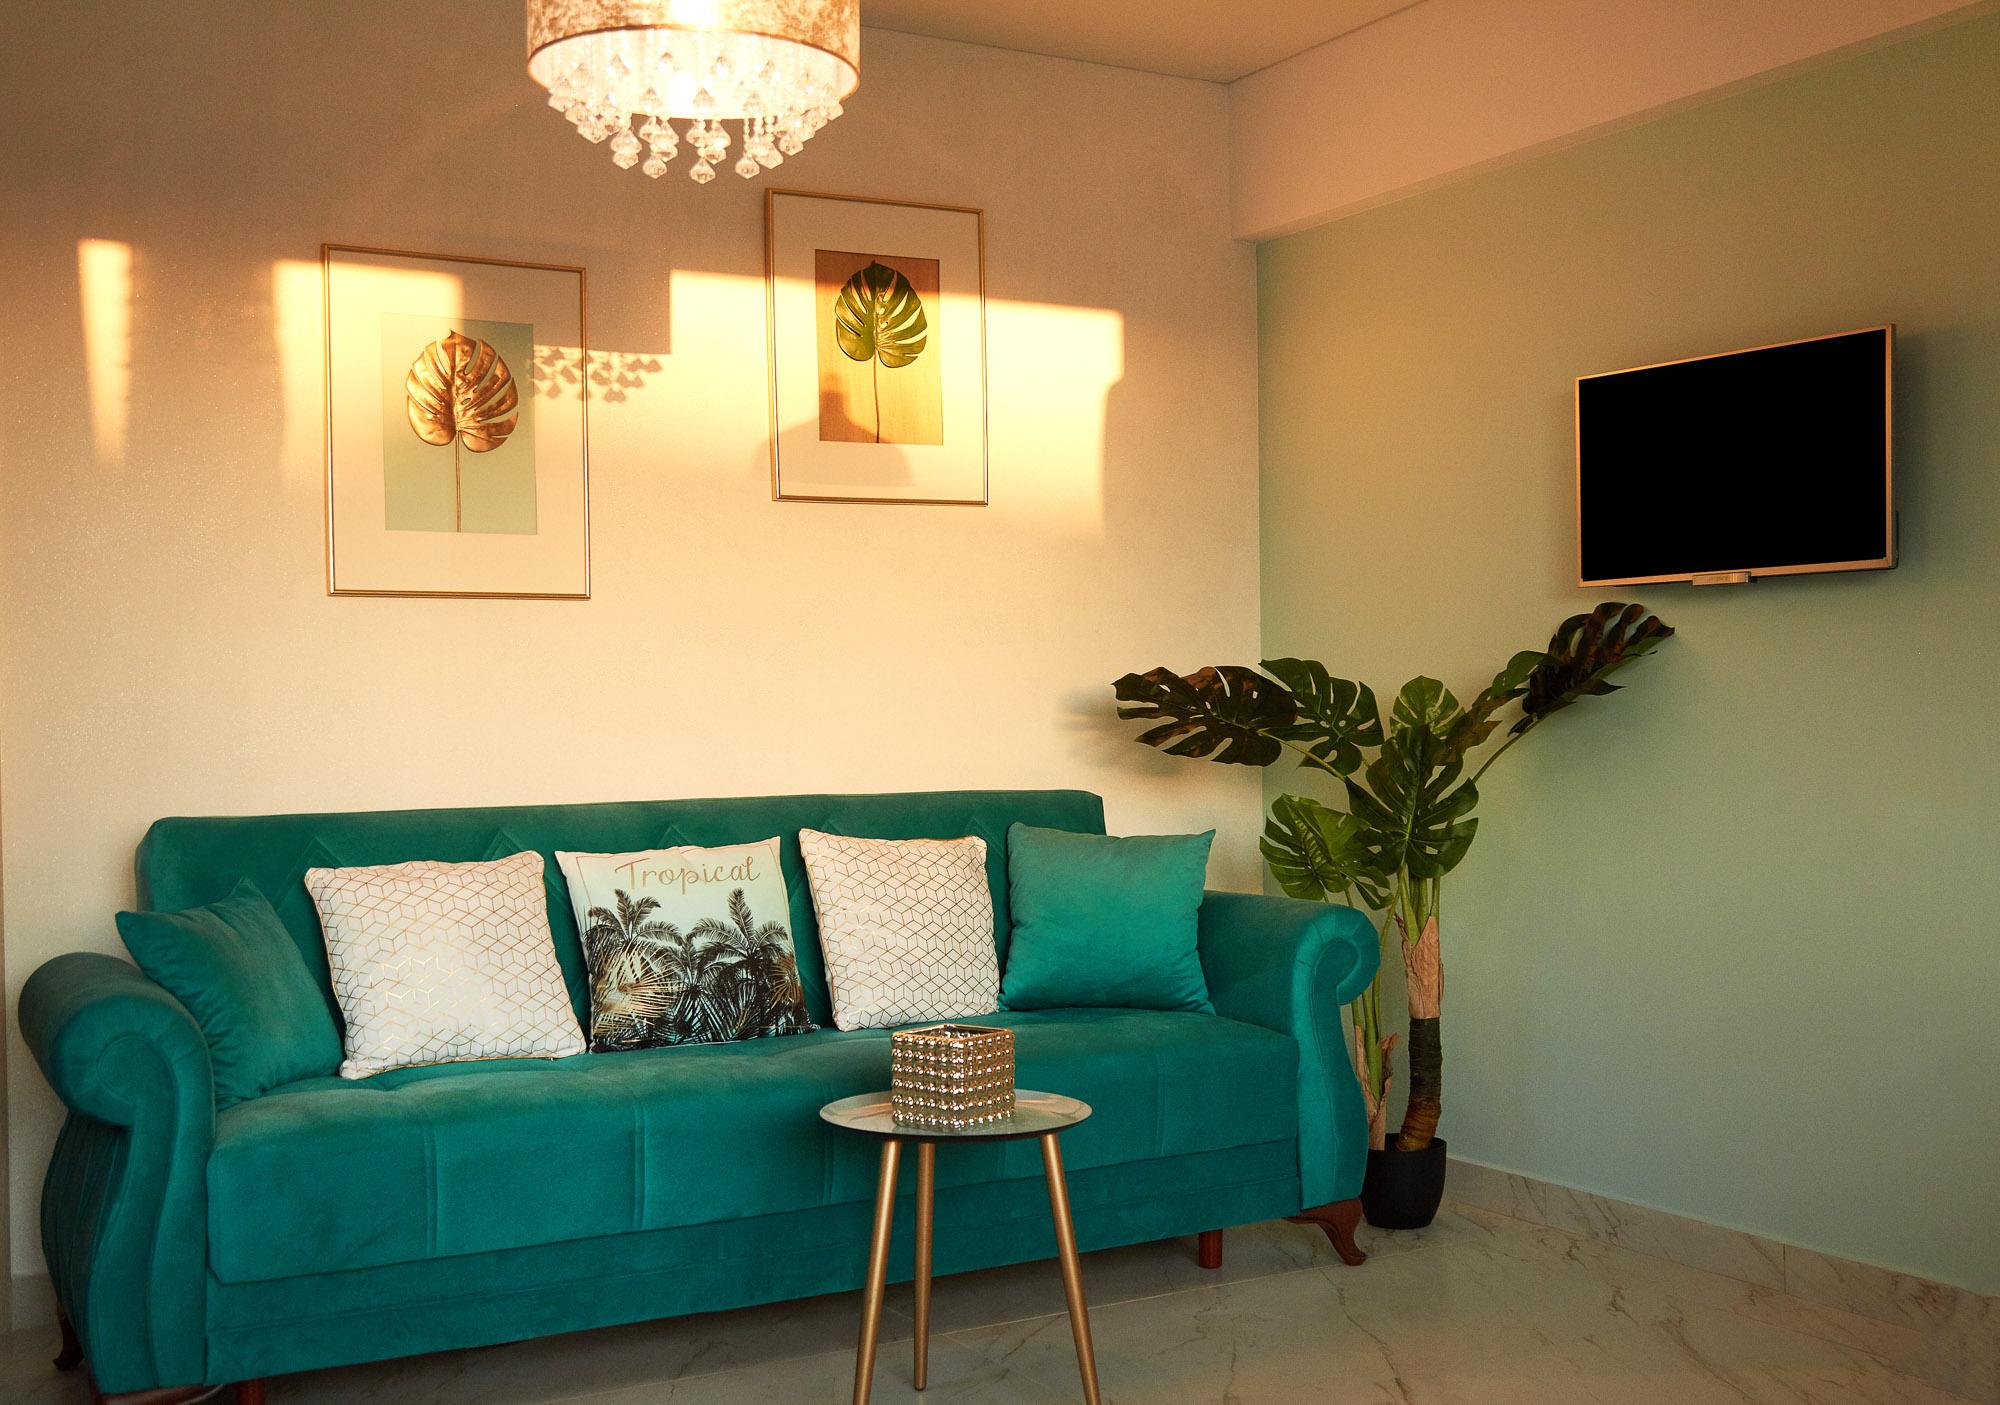 Cauti un Fotograf Profesionist pentru Apartamentul sau Hotelul tau? Sedinta Foto Apartament Sofia Seaside Mamaia Fotograf Constanta